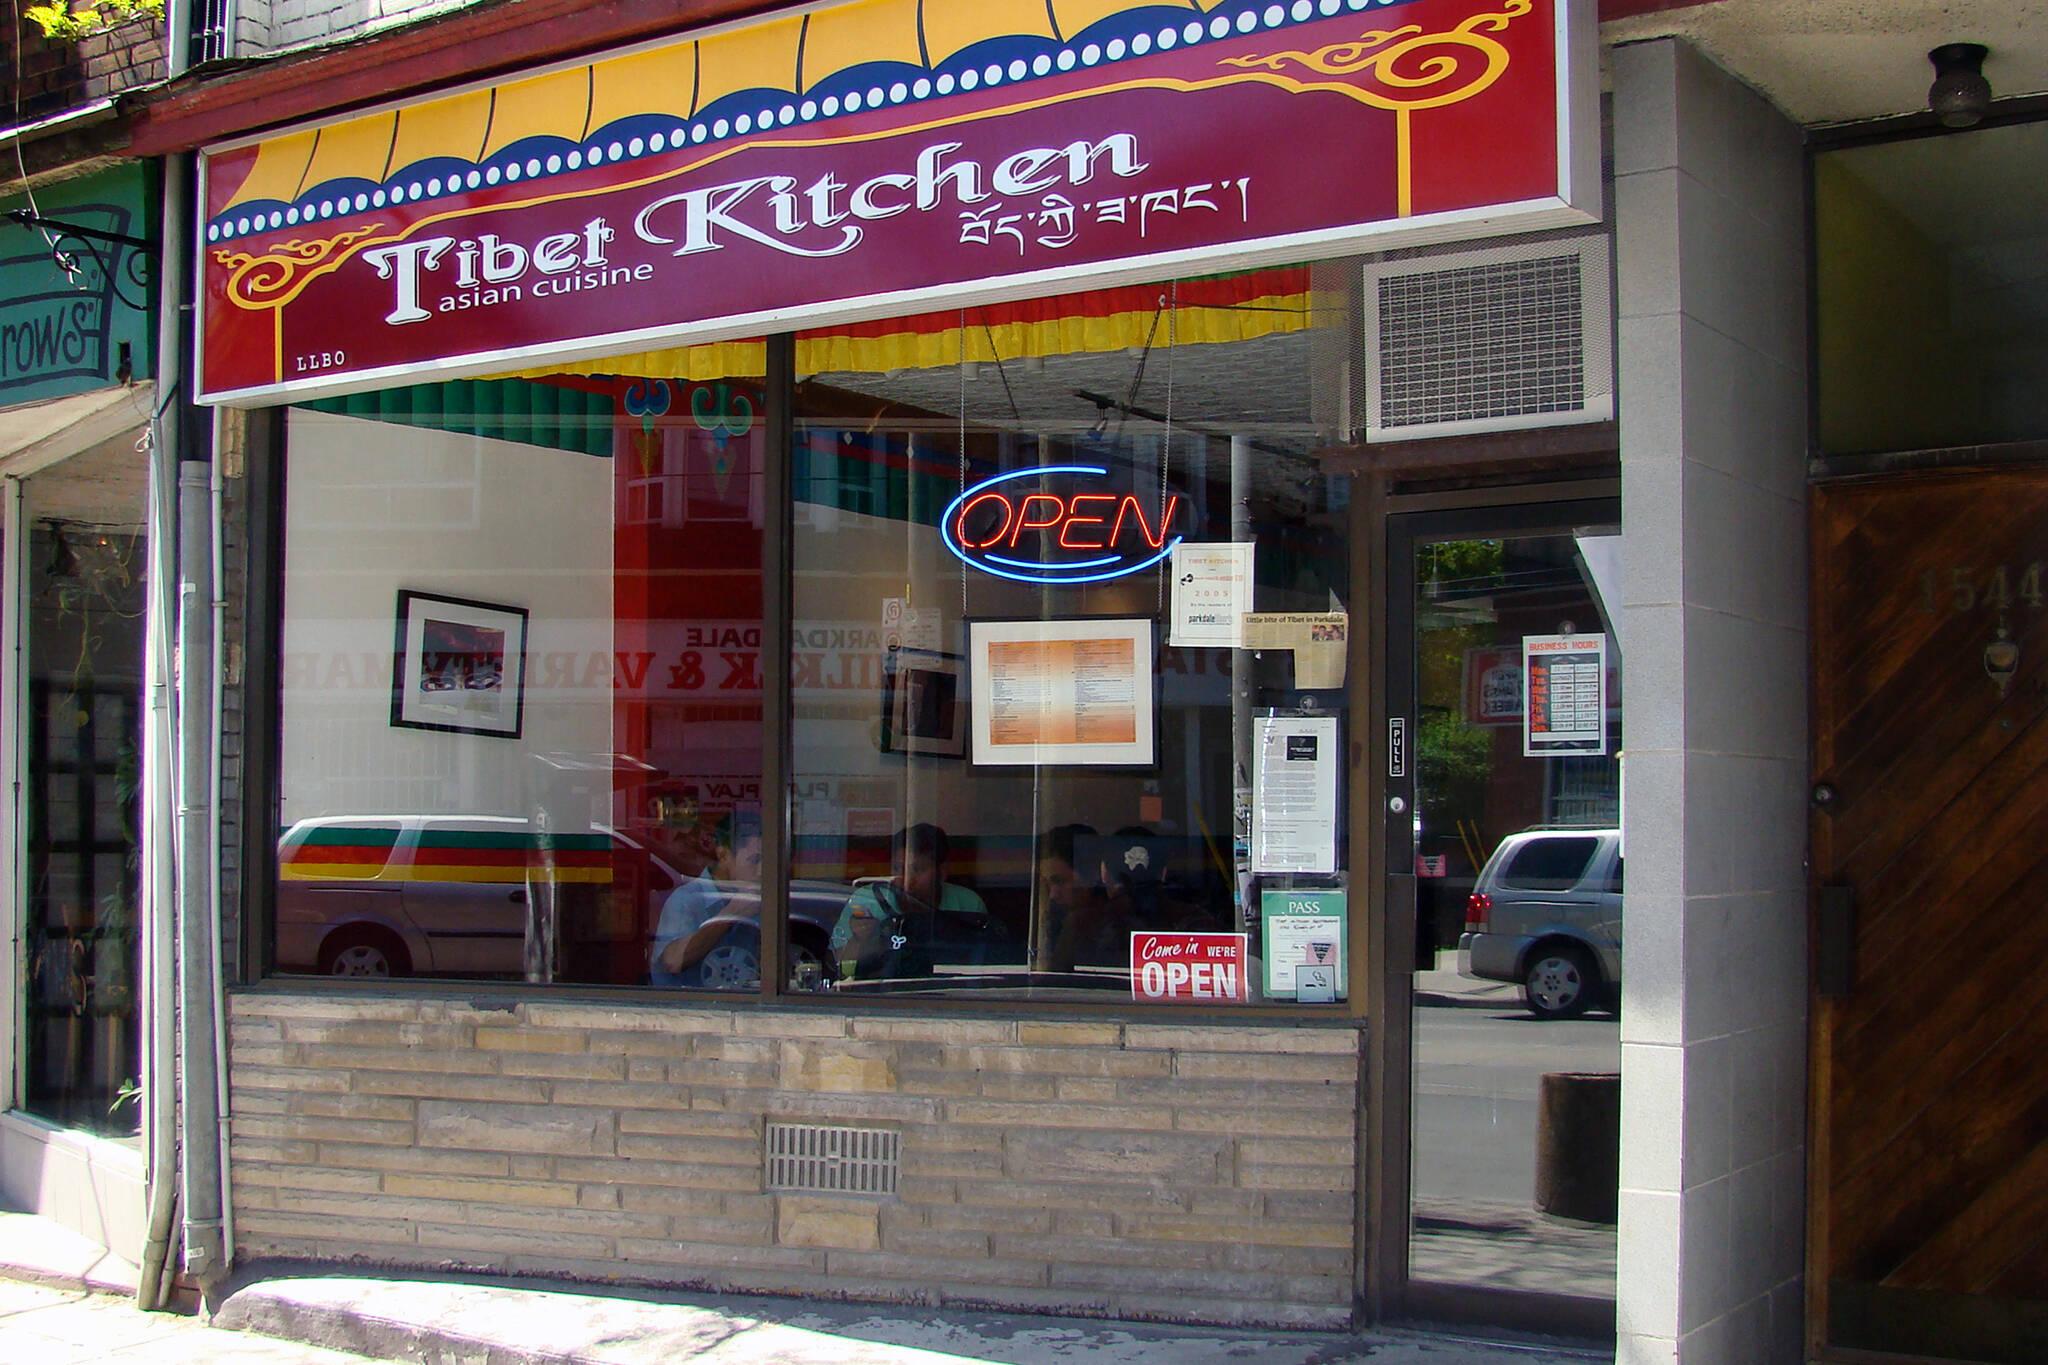 Tibet Kitchen Bar Restaurant